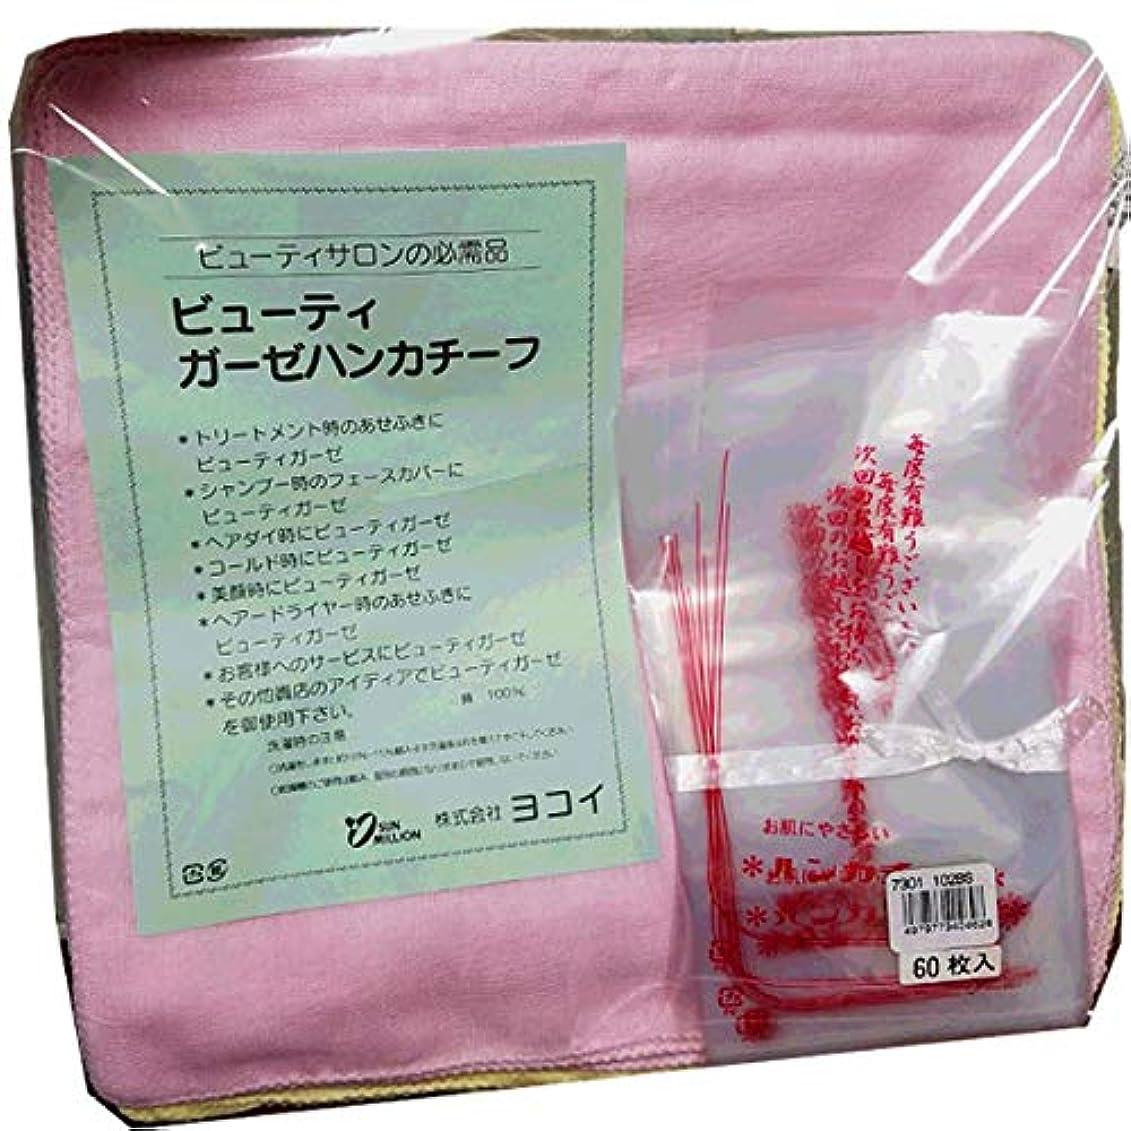 ブローインペリアル雑草ヨコイ フェイスガーゼ メロー 5ダース(60枚入) ピンク?ブルー?イエロー3色 131BS